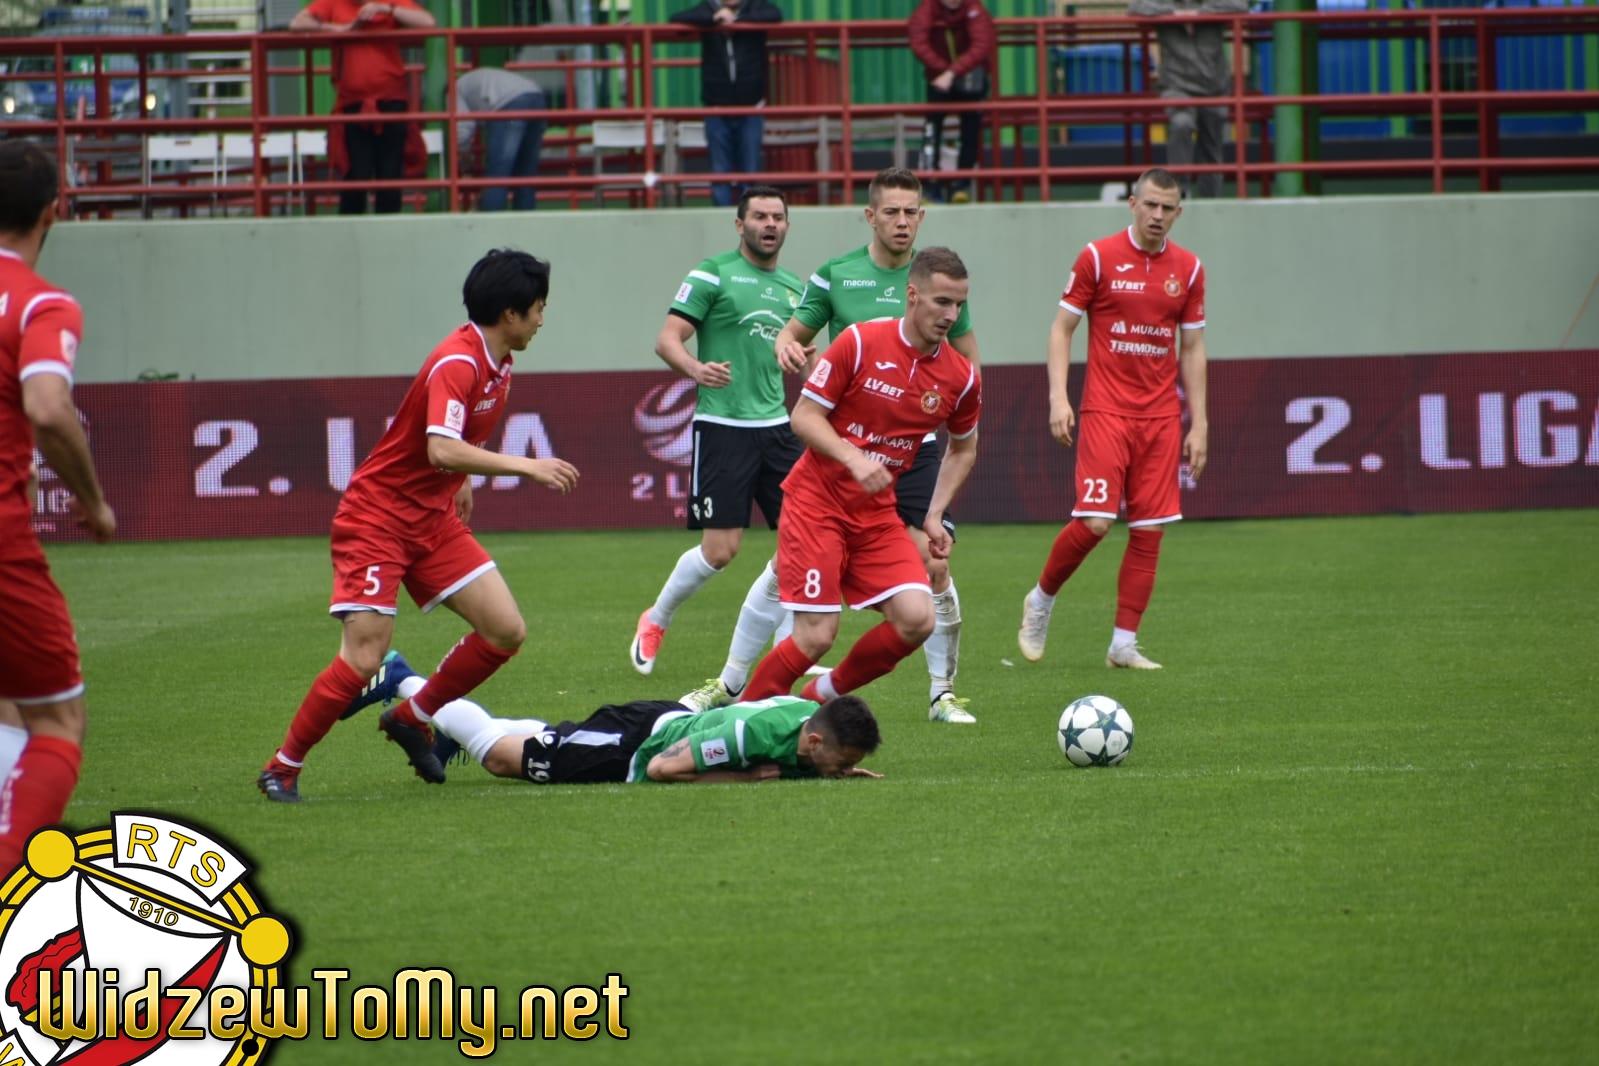 GKS Bełchatów - Widzew Łódź 3:1 (1:1)